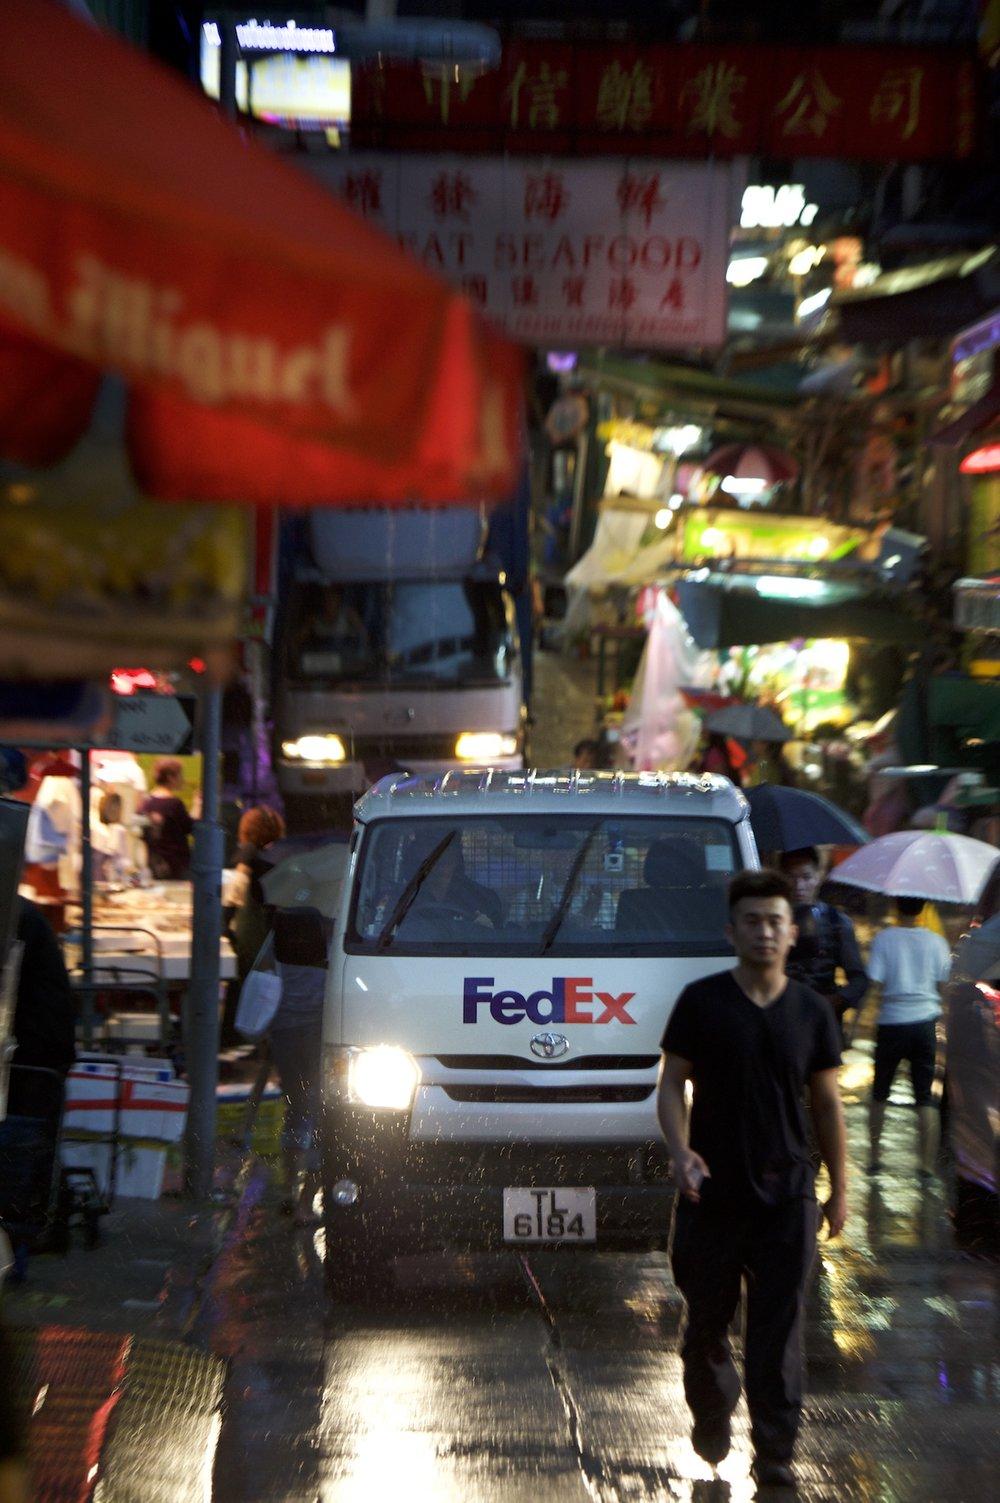 HK fedex_020.jpg